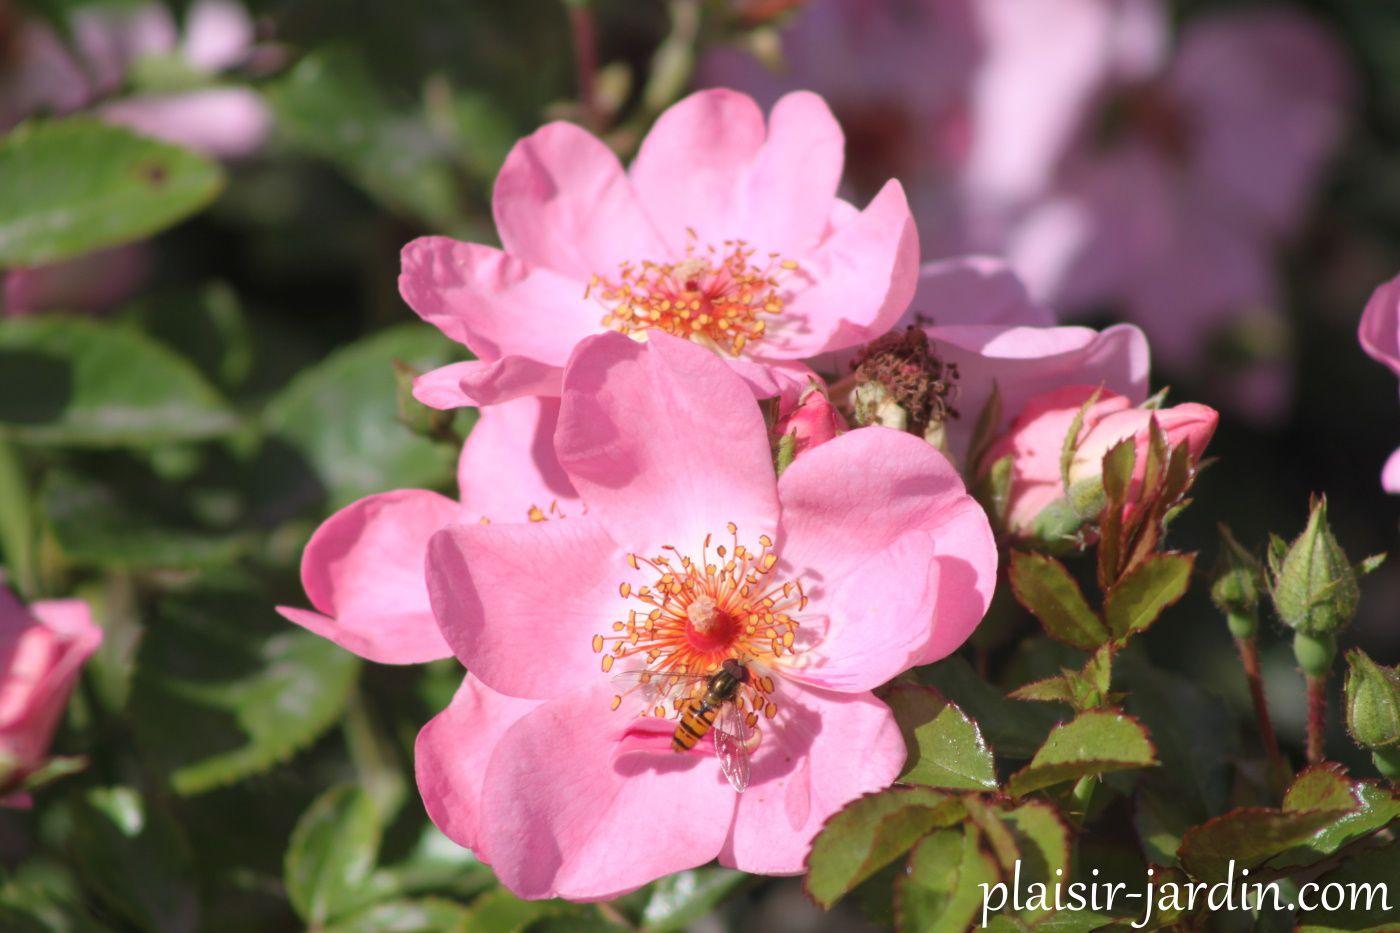 Le rosier 'Sweet Haze'